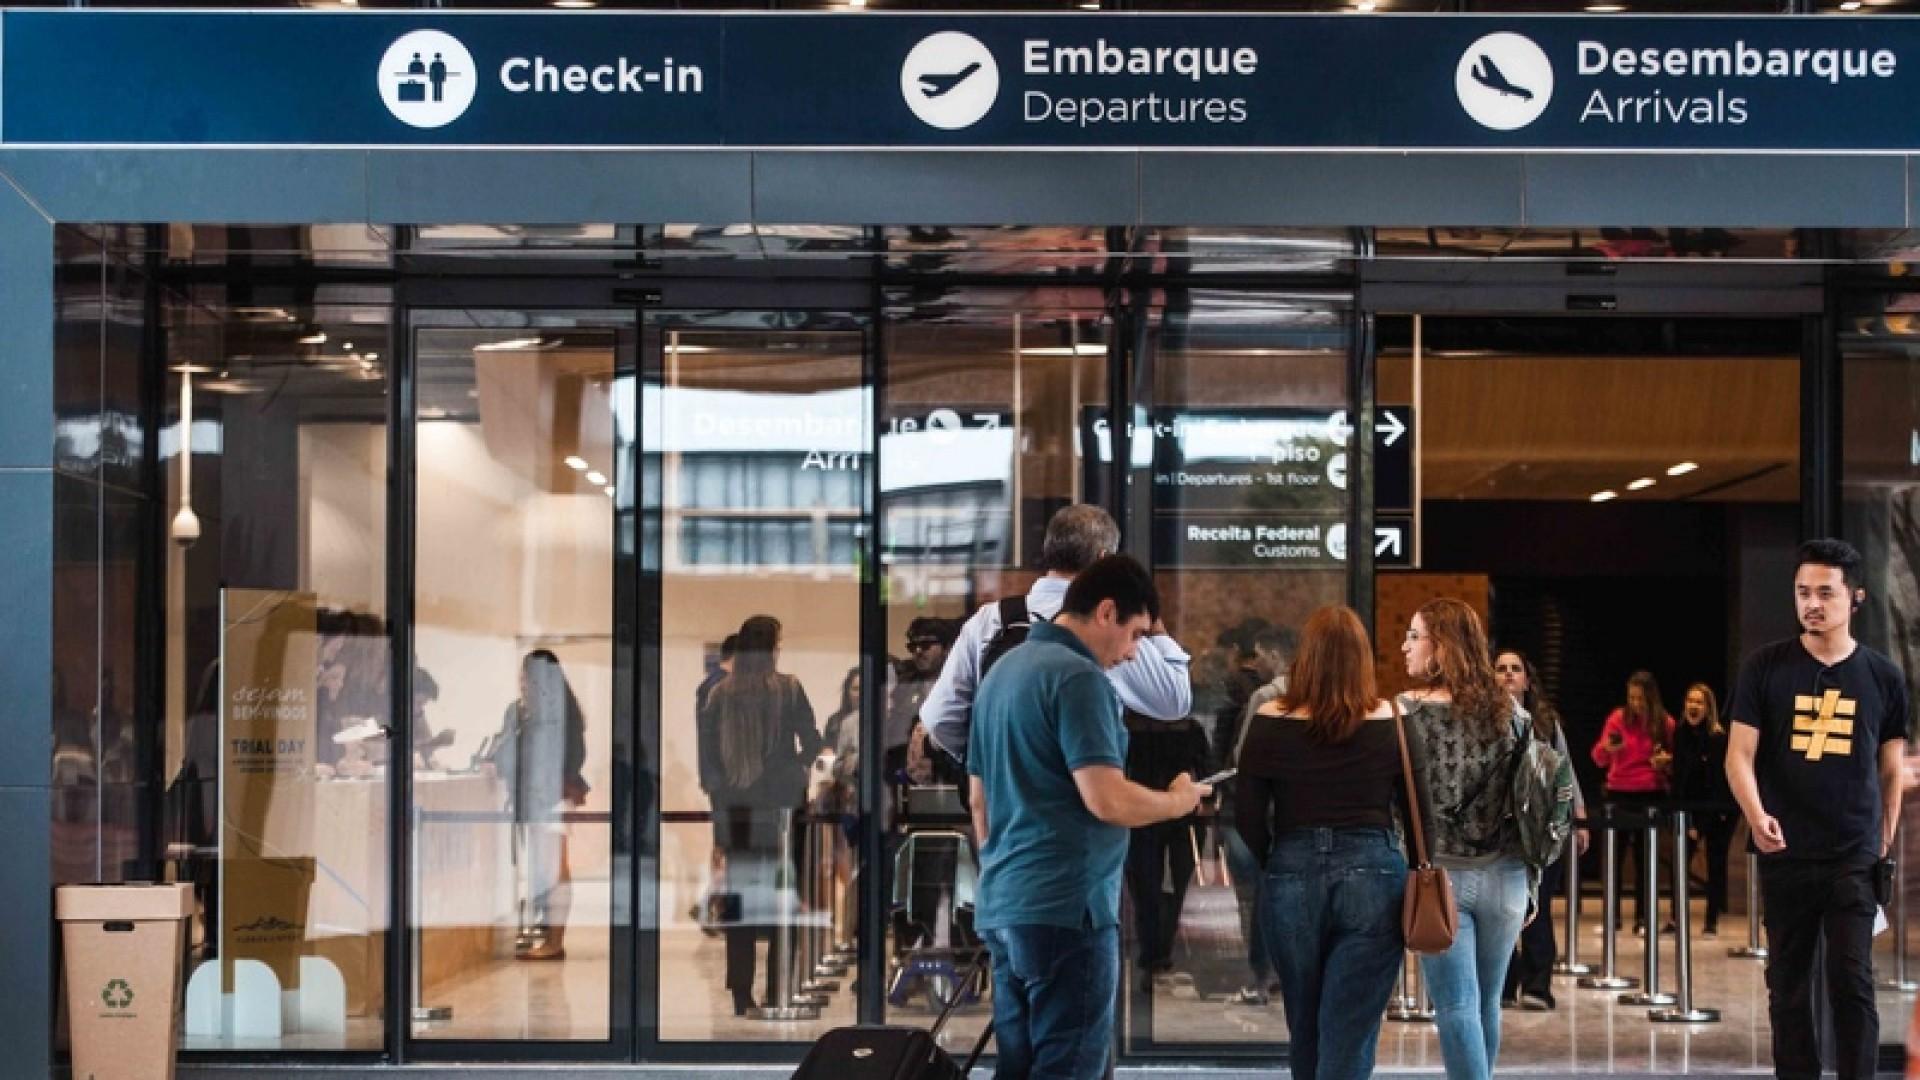 Com relação aos questionamentos do Procon Municipal de Florianópolis, a Floripa Airport esclarece que, desde a abertura do novo aeroporto em 1º de outubro, vem fazendo análise diária do fluxo de veículos